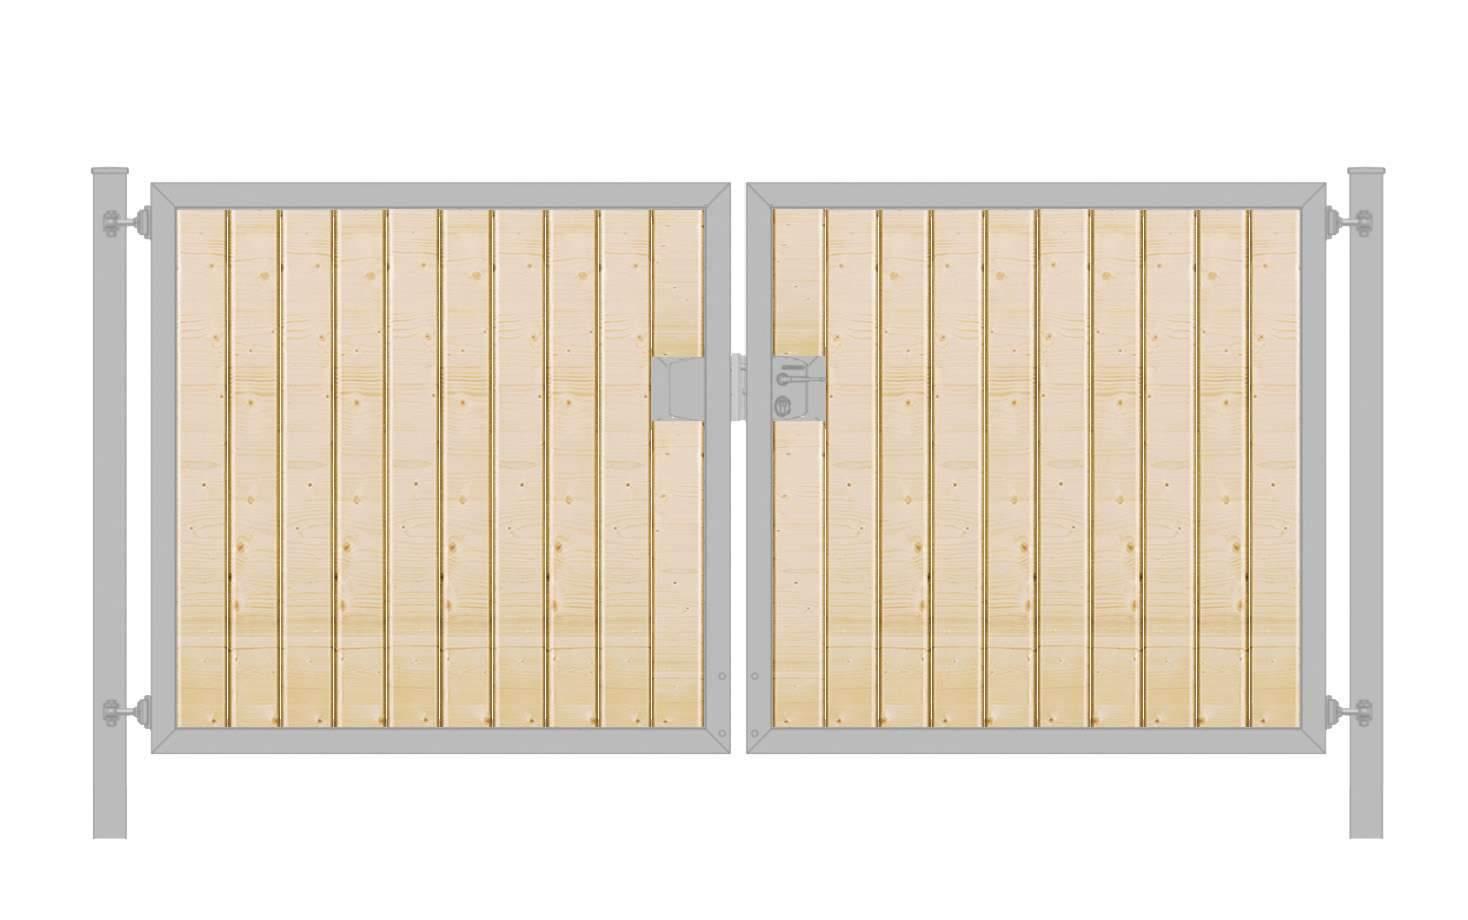 Einfahrtstor Holzfuellung senkrecht Premium zweifluegelig symmetrisch verzinkt5cab14dd2e76f 1280x1280 2x